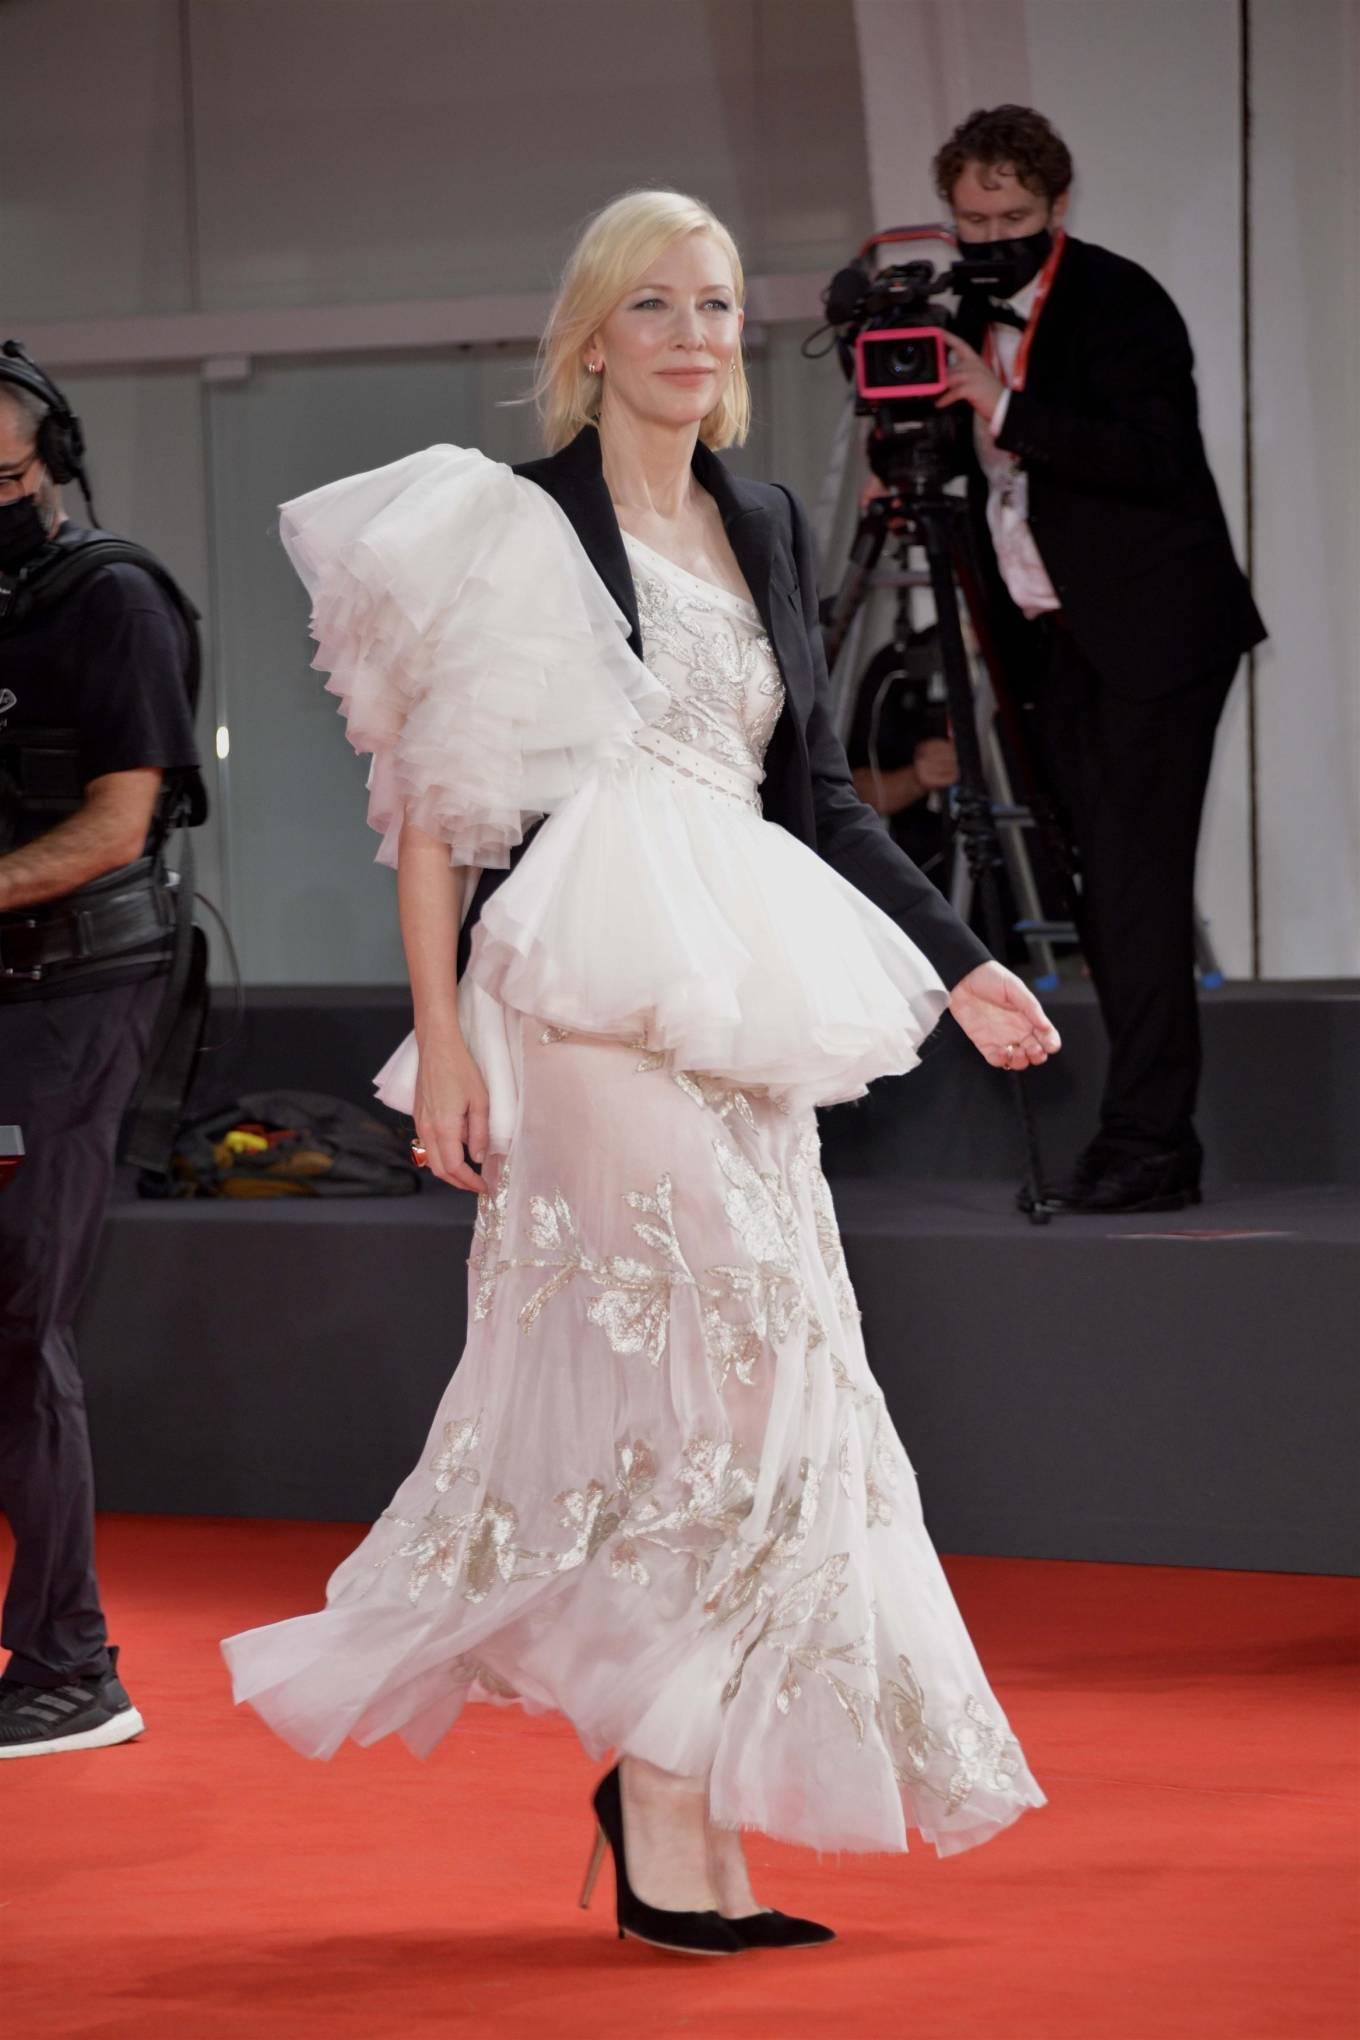 Cate Blanchett 2020 : Cate Blanchett – Red Carpet for the Golden Lion Award for Lifetime Achievement Ceremony to Ann Hui -12